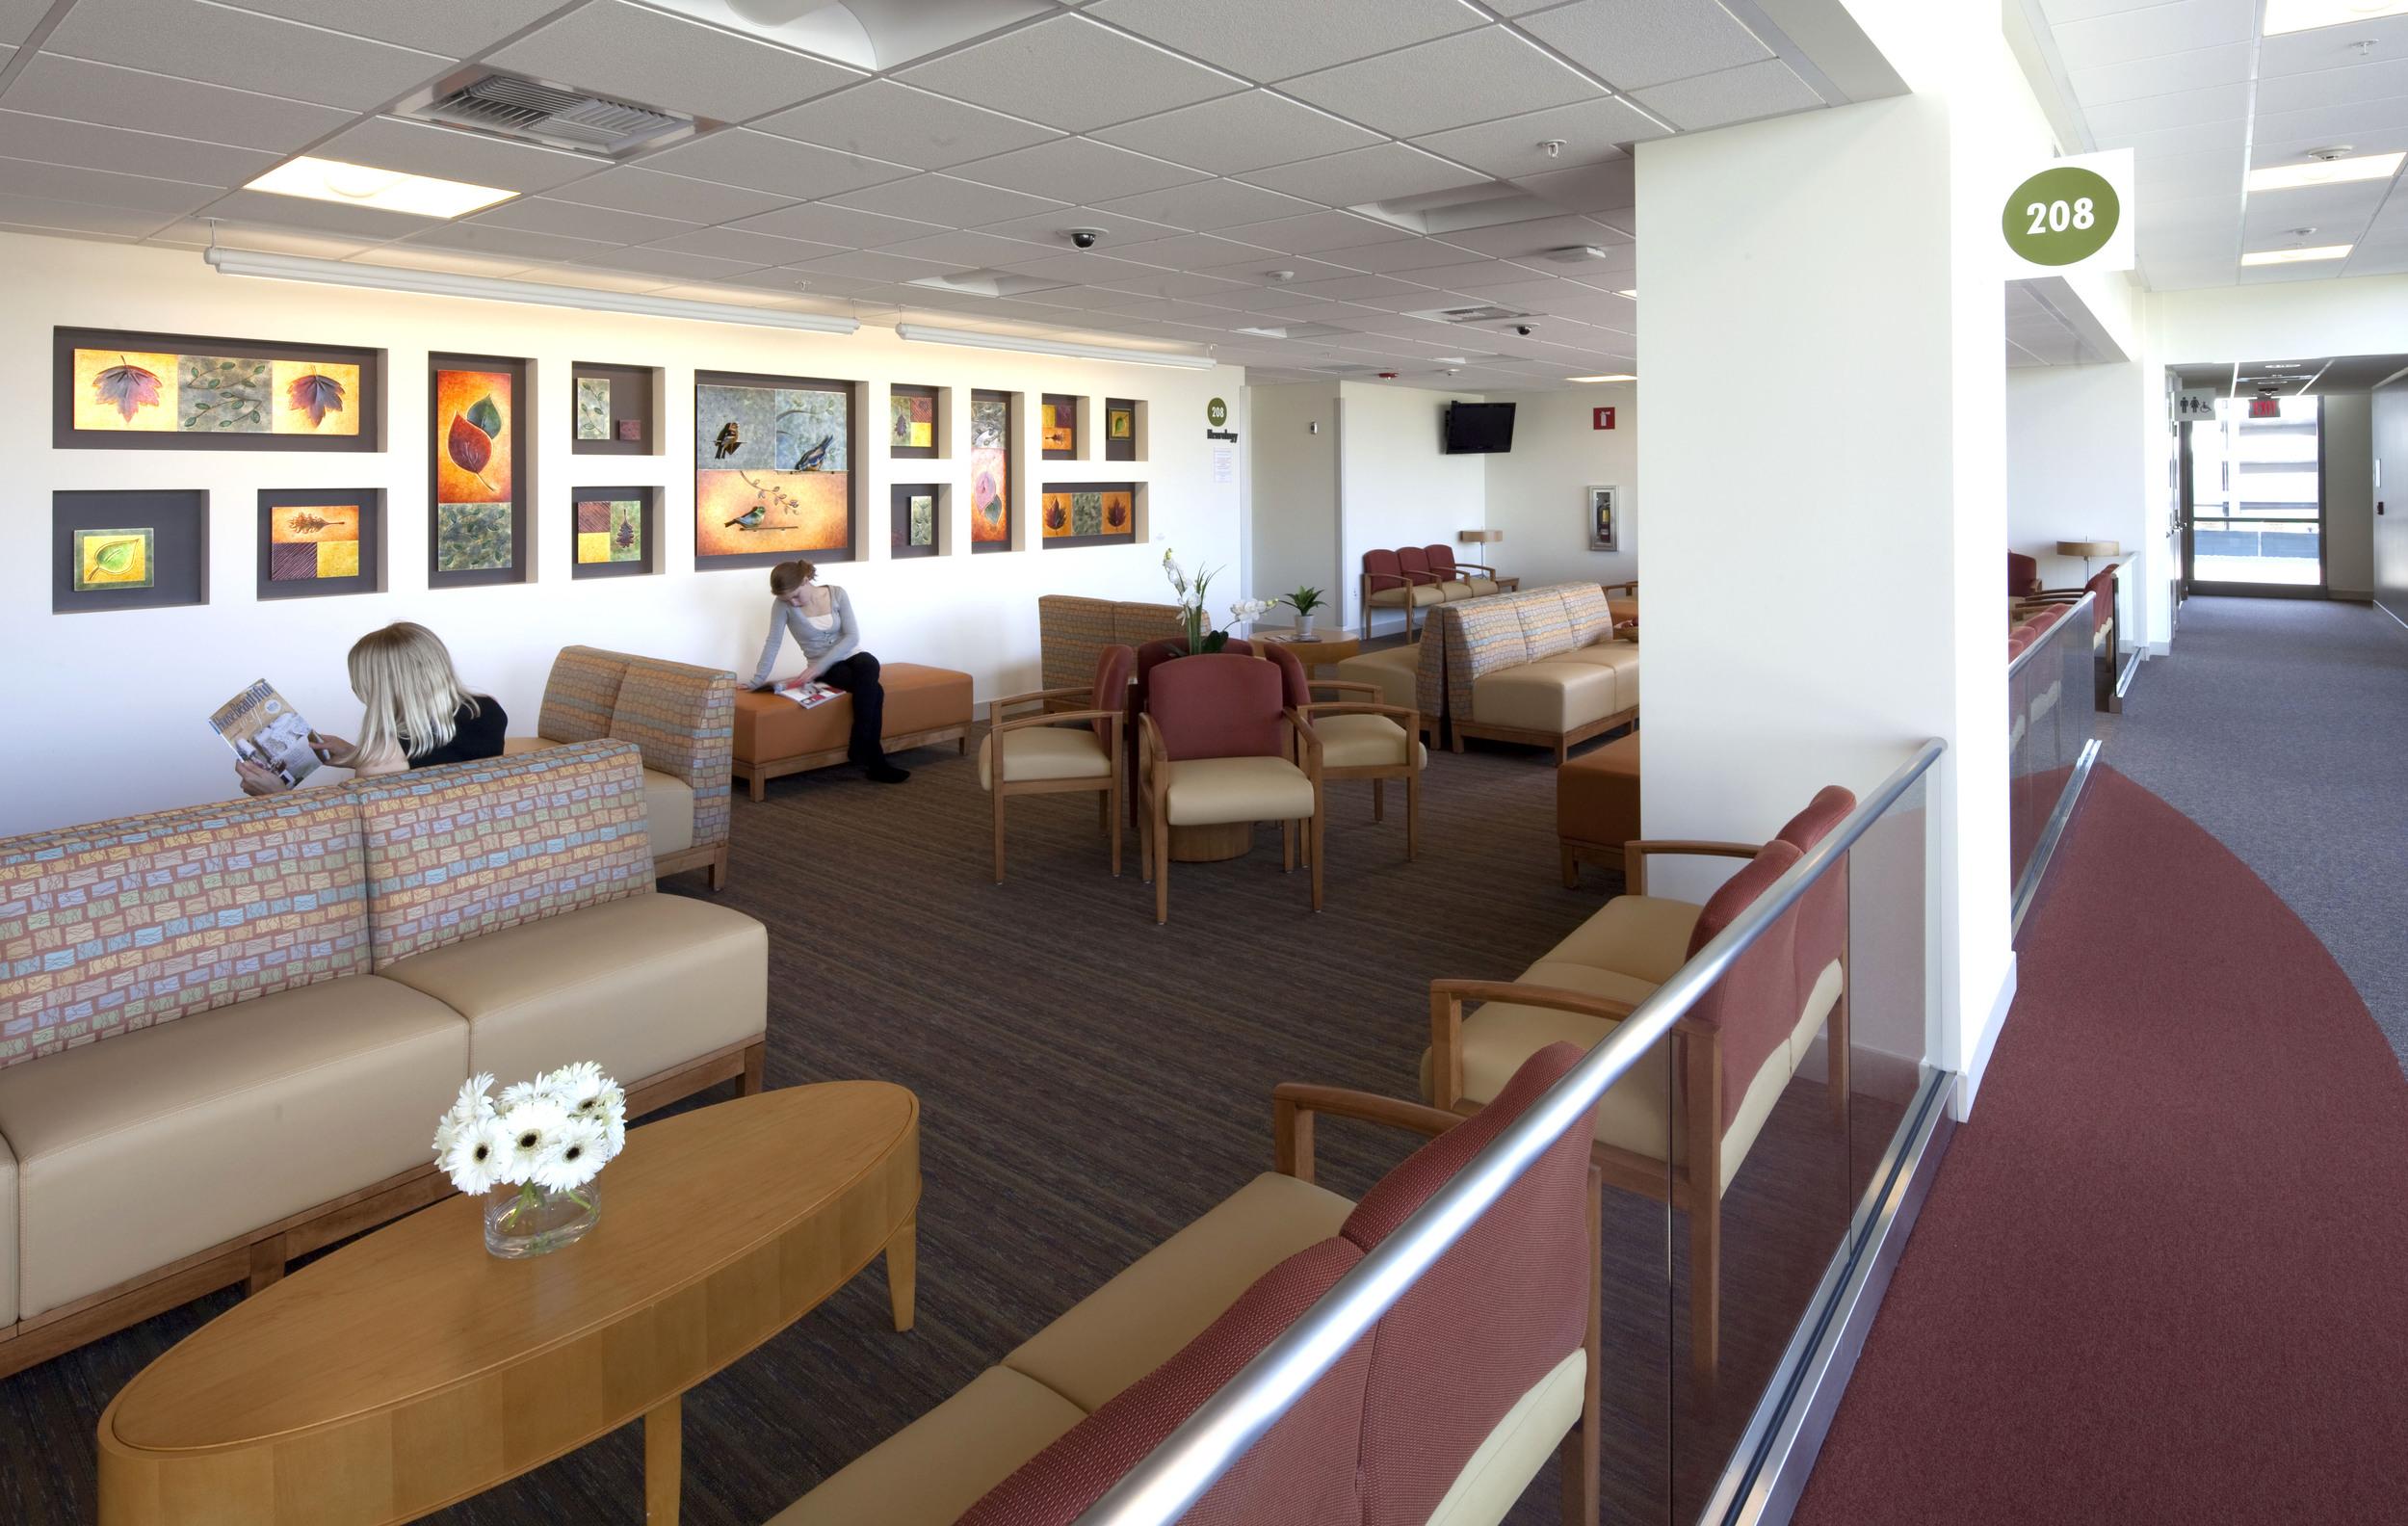 Second Floor Waiting Area